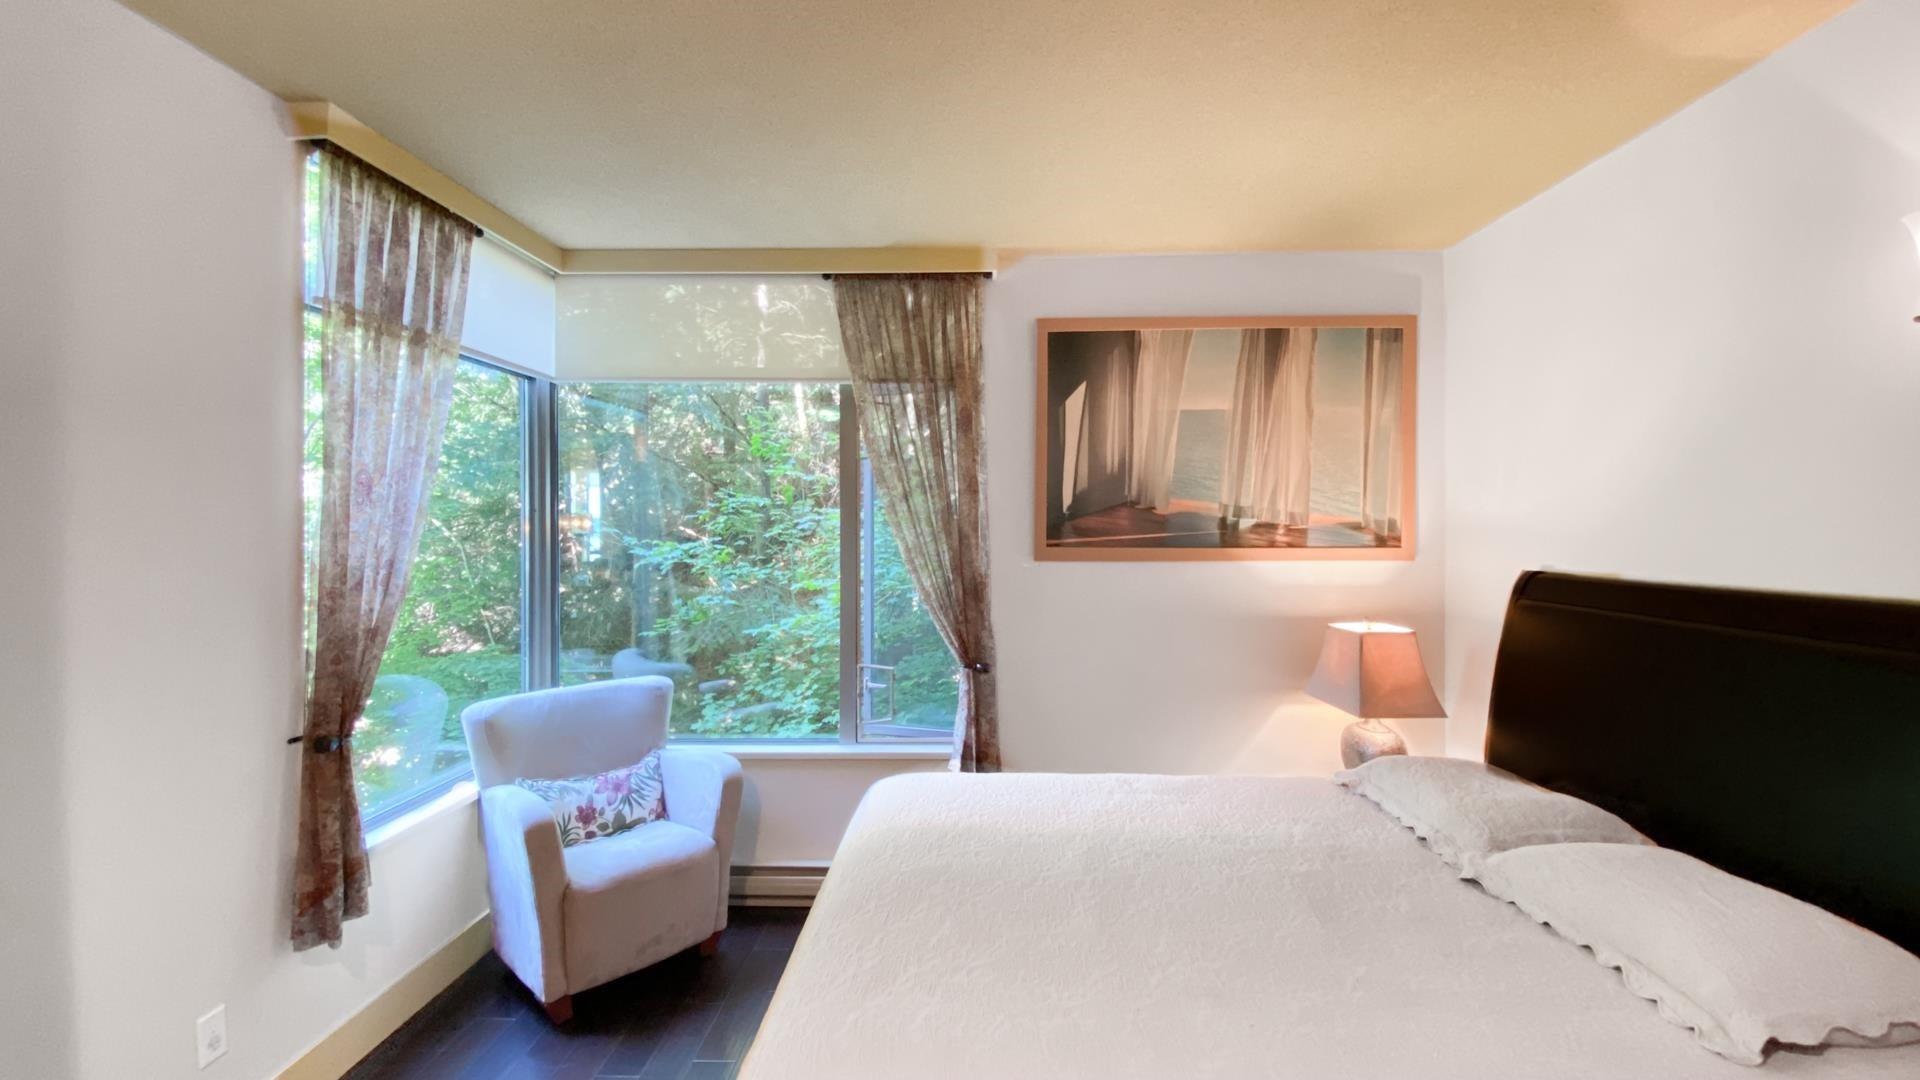 301 3131 DEER RIDGE DRIVE - Deer Ridge WV Apartment/Condo for sale, 2 Bedrooms (R2615692) - #24